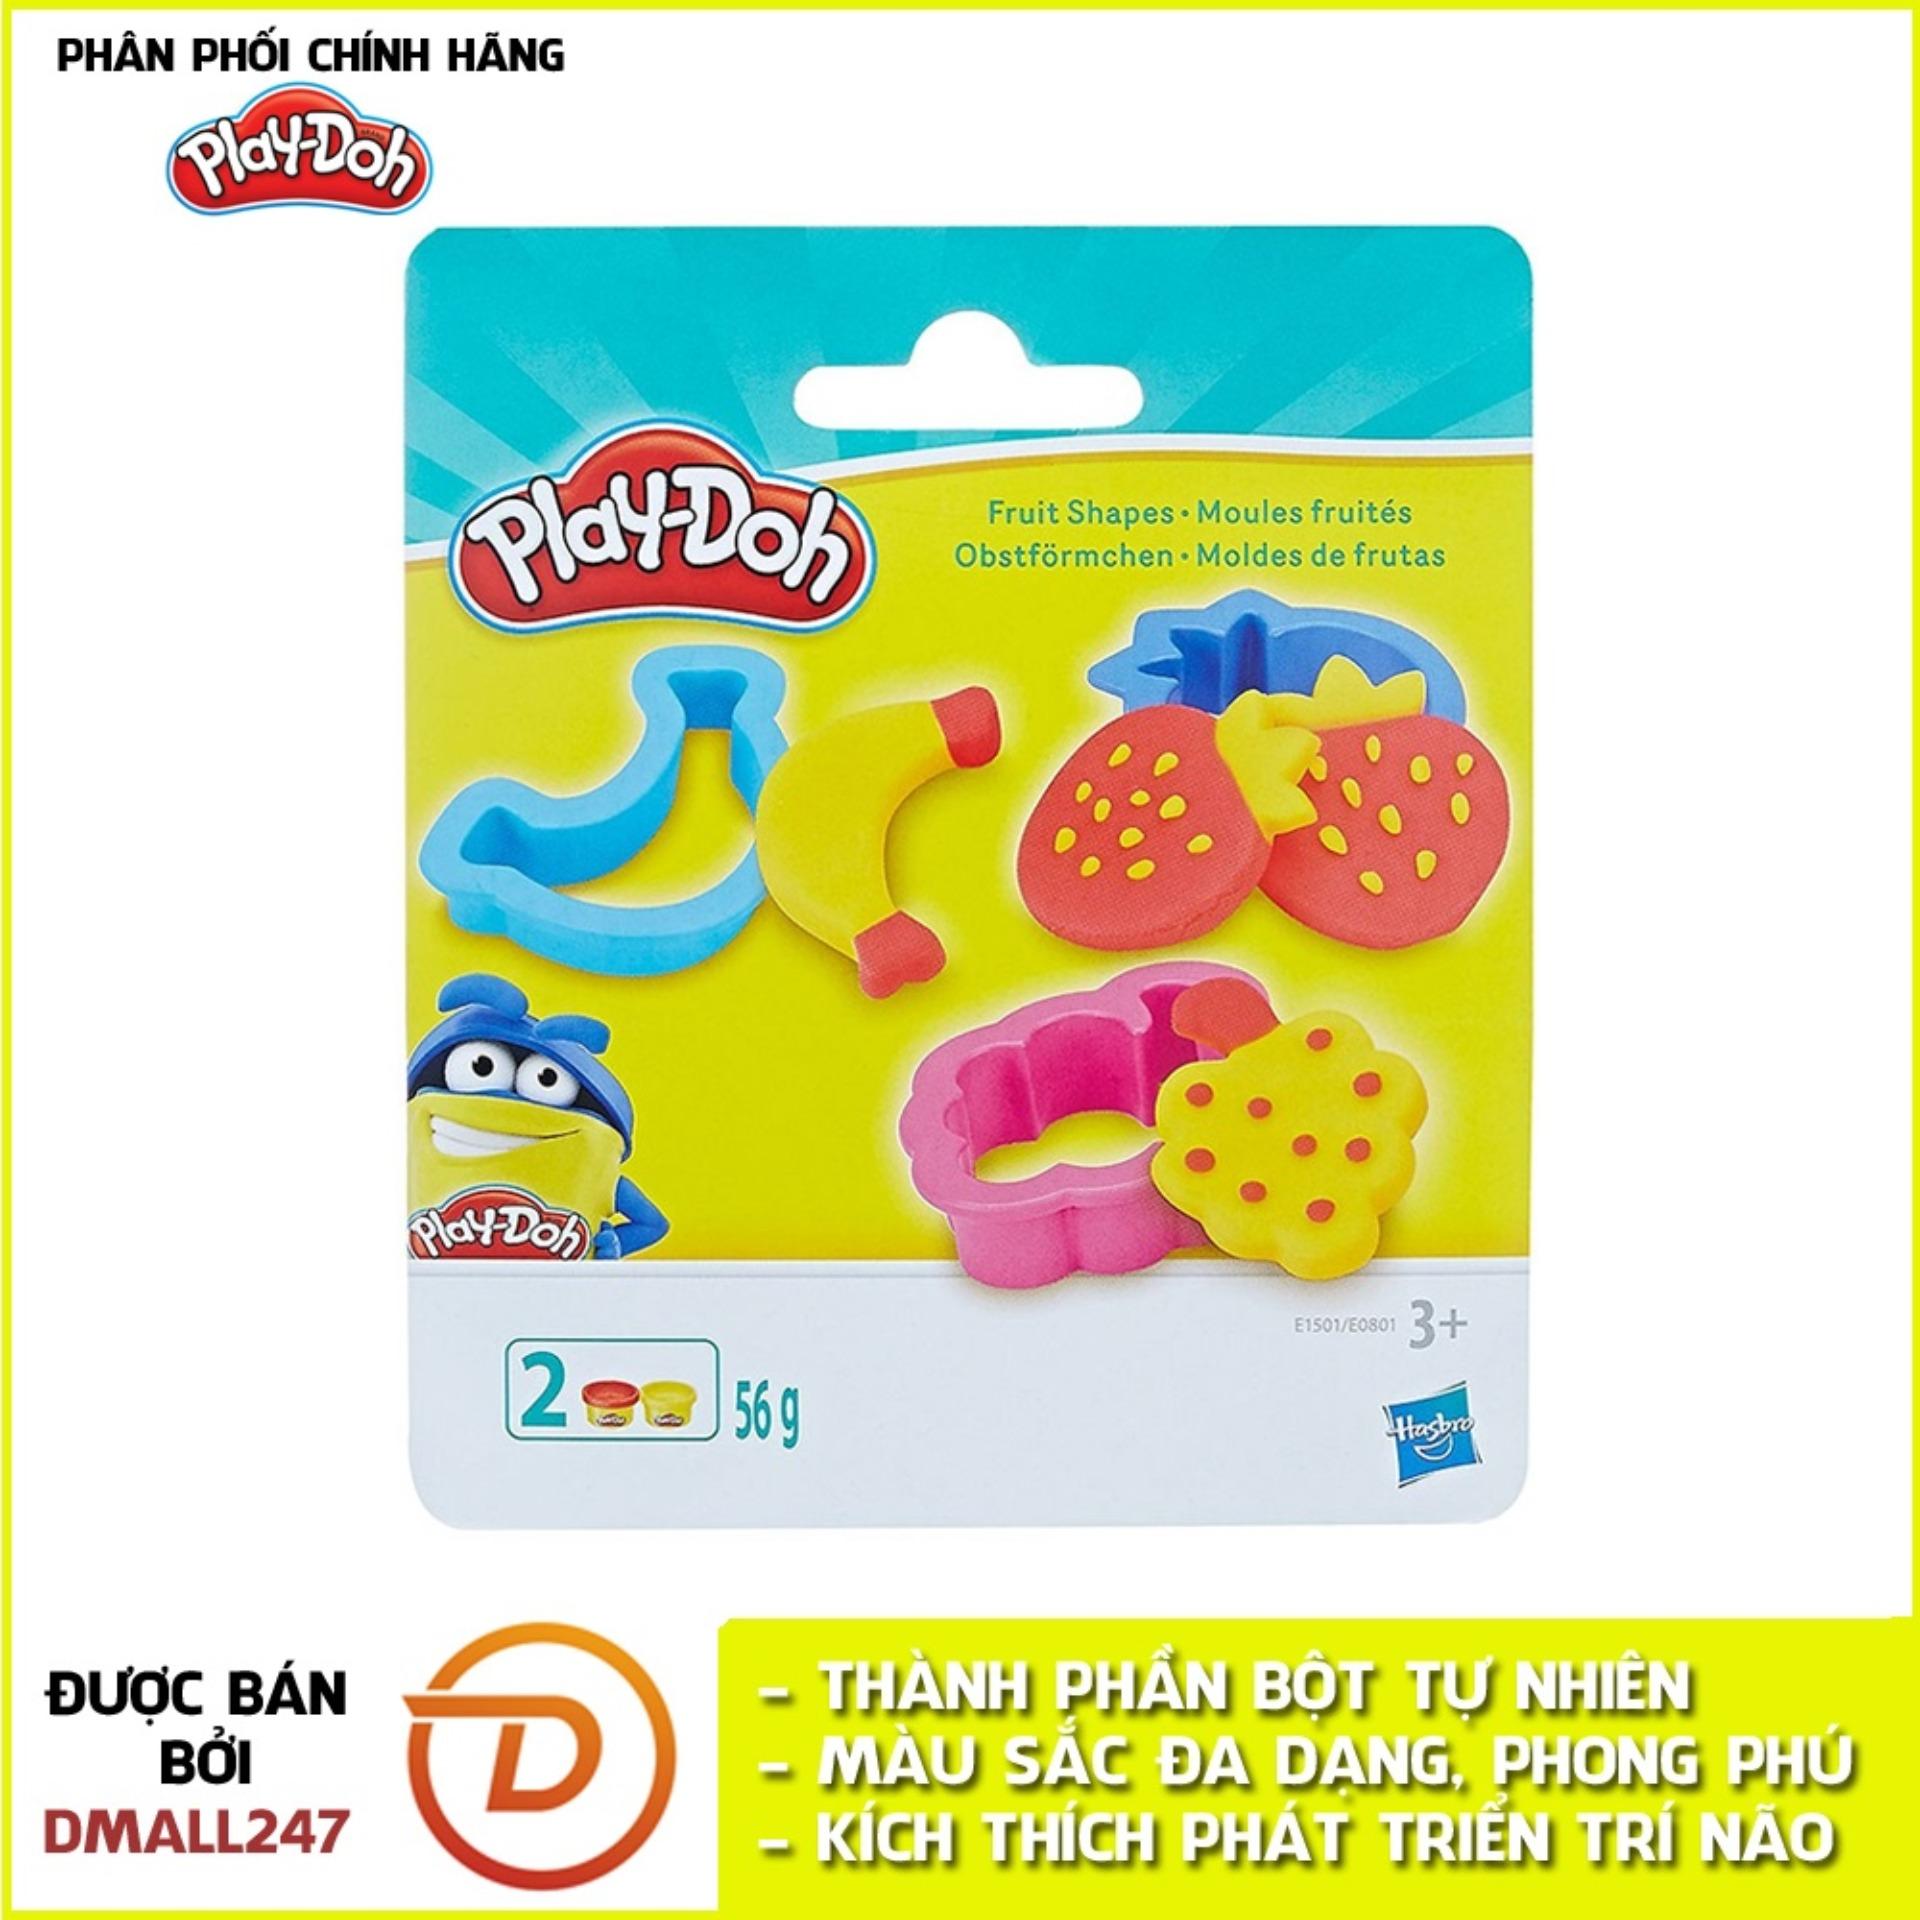 Bộ Bột Nặn Tạo Hình đầu đời Play-Doh E0801 Giá Siêu Rẻ